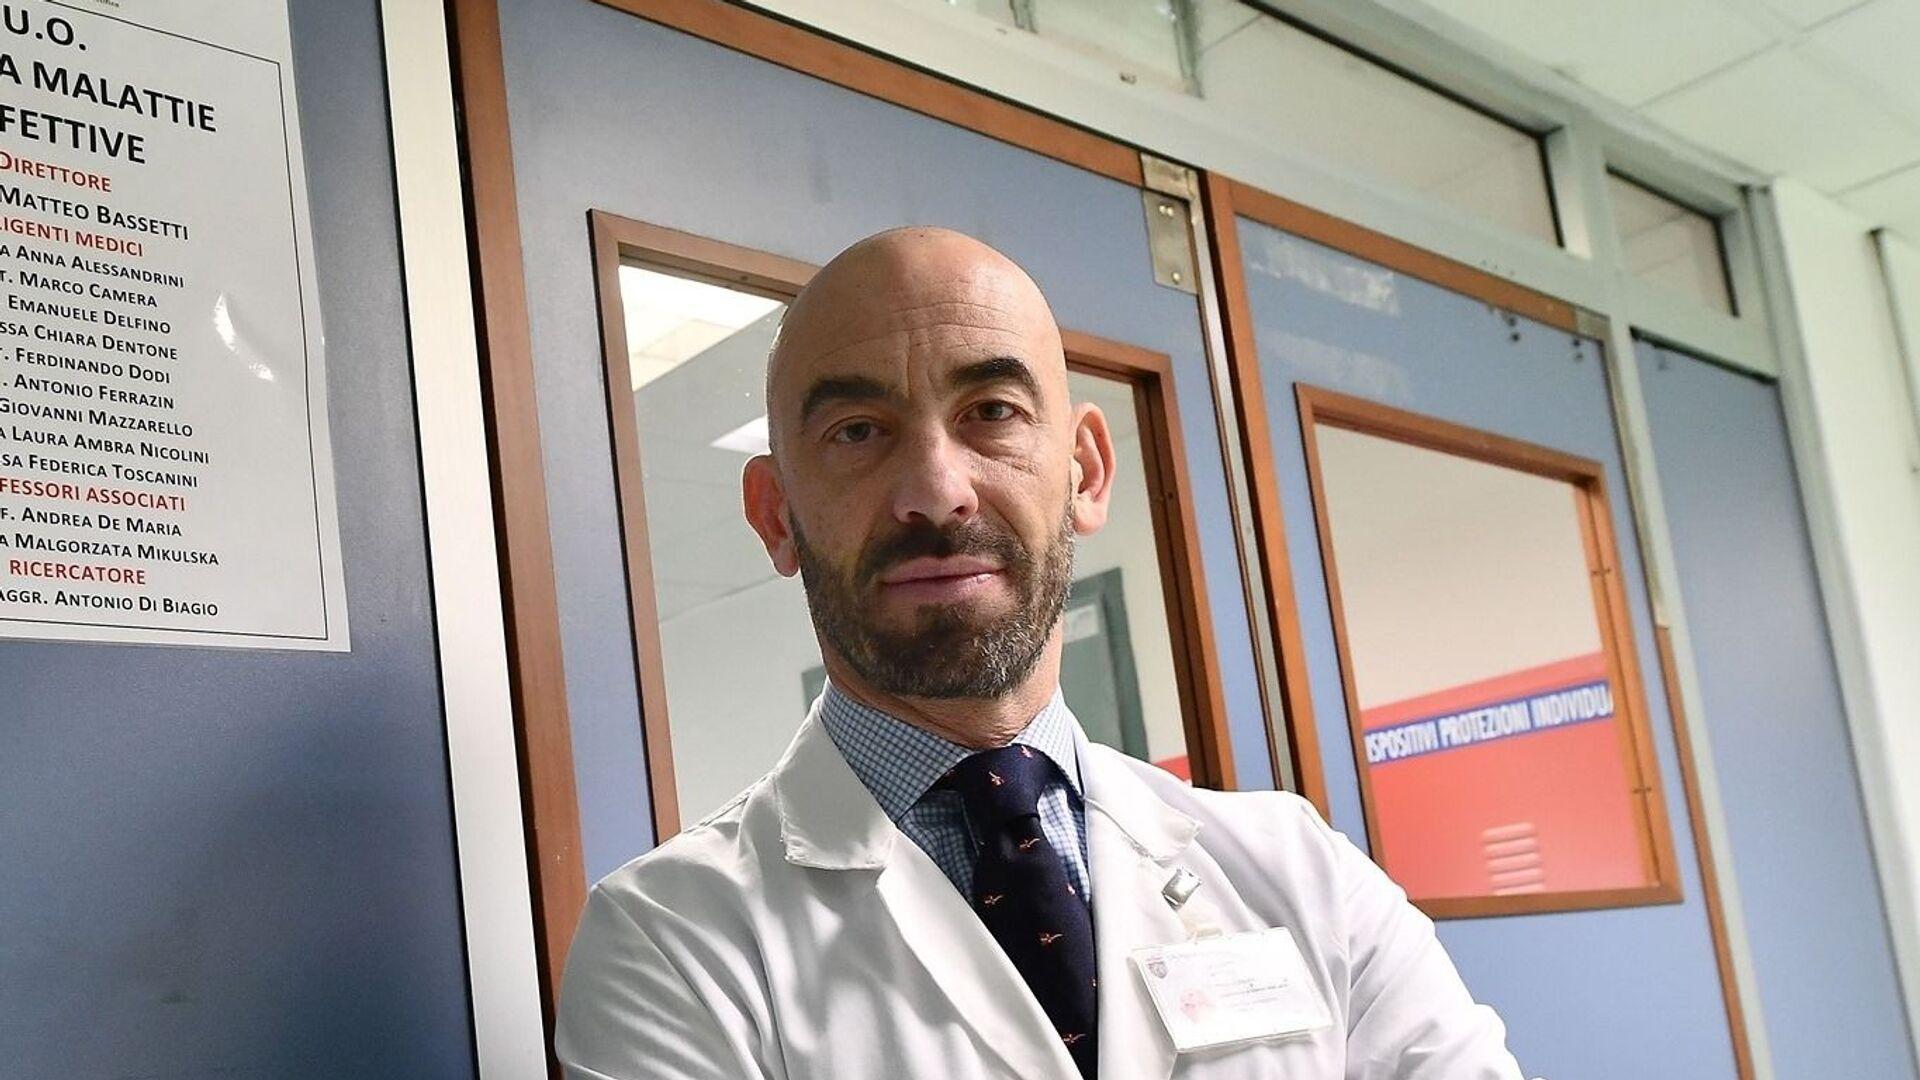 Matteo Bassetti, infettivologo, primario dell'ospedale San Martino di Genova - Sputnik Italia, 1920, 15.06.2021